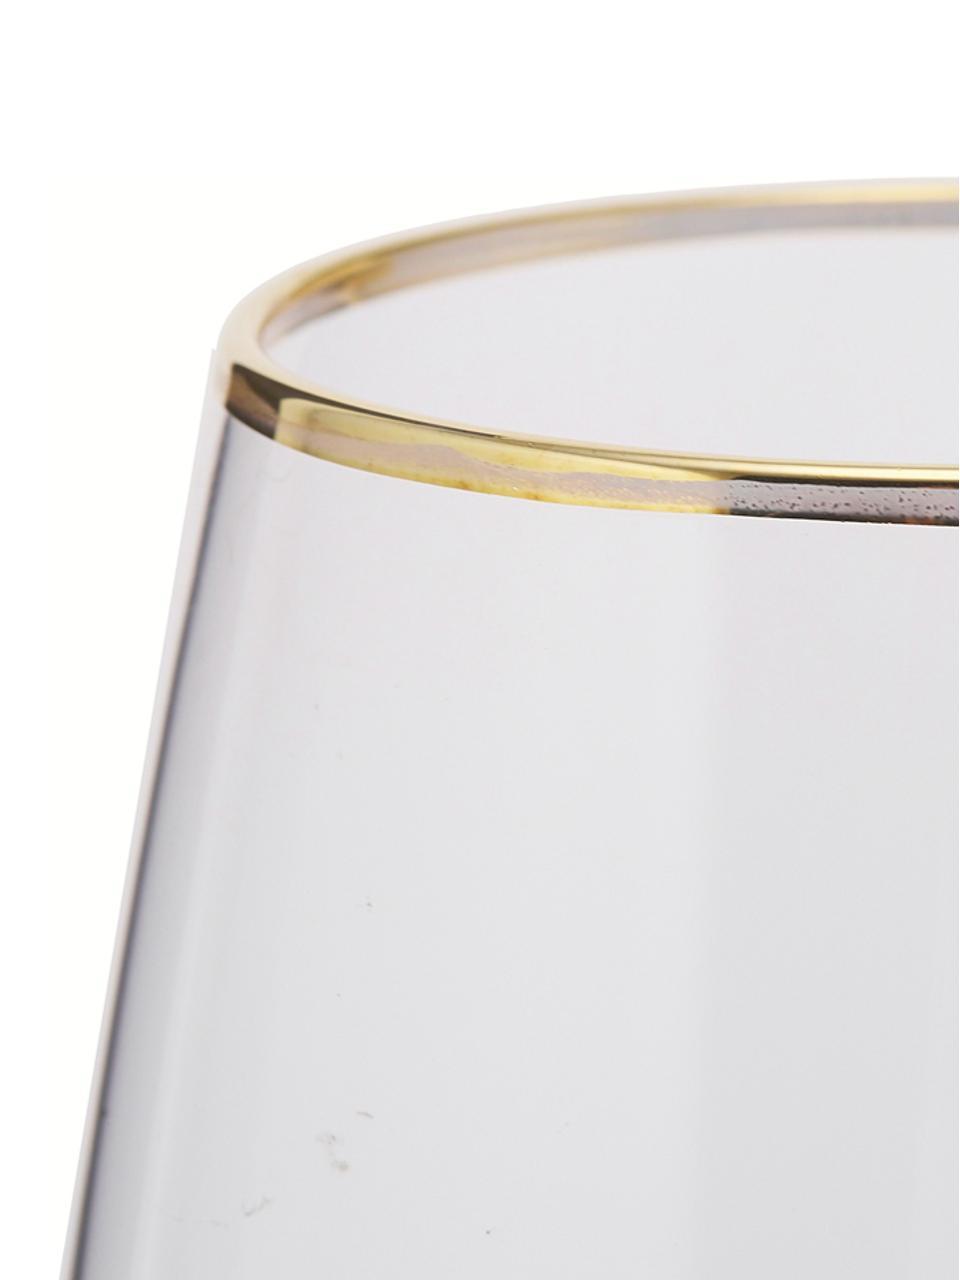 Bicchiere acqua con bordo dorato Chloe 4 pz, Vetro, Trasparente, dorato, Ø 9 x Alt. 12 cm